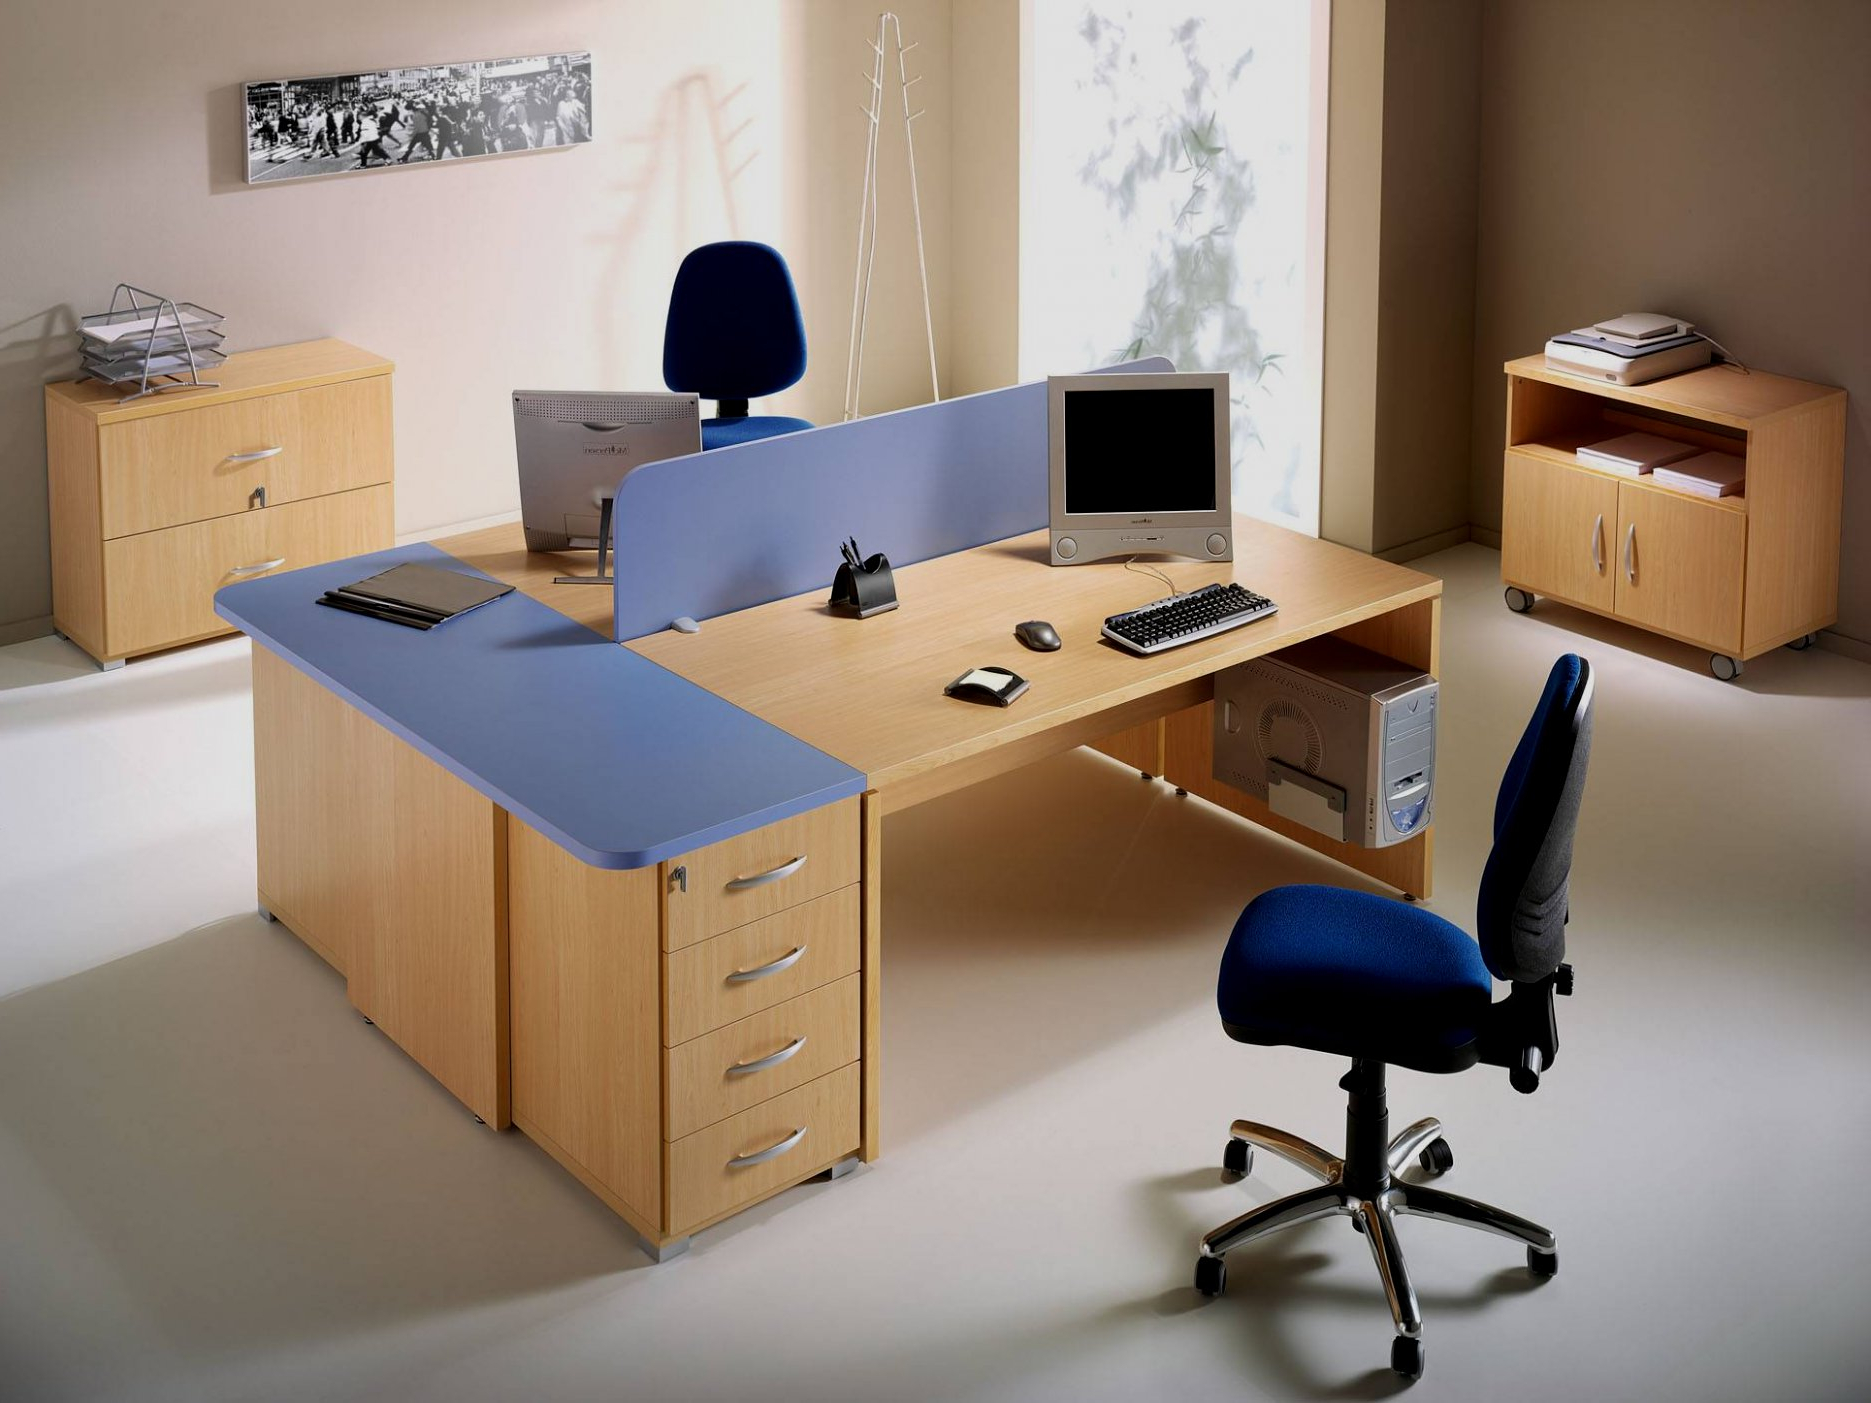 Ikea Muebles De Oficina Tqd3 Muebles De Oficina Las Palmas Grande Mesas De Icina Mesa Ikea